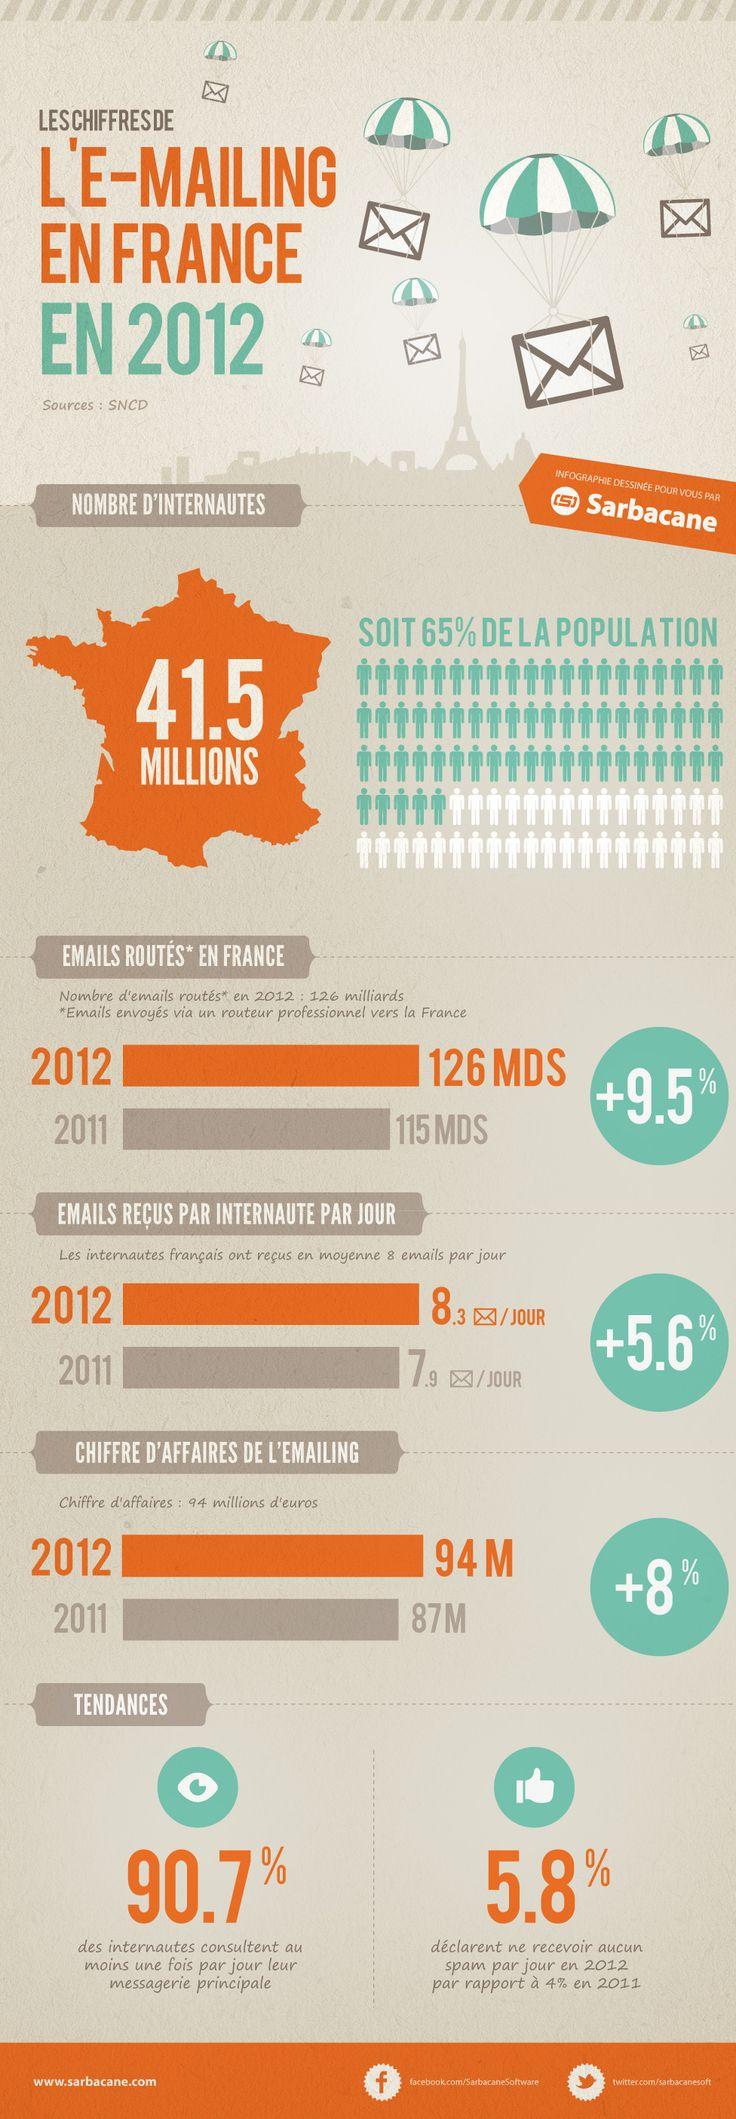 exemple d'infographies chiffres clés Recherche Google